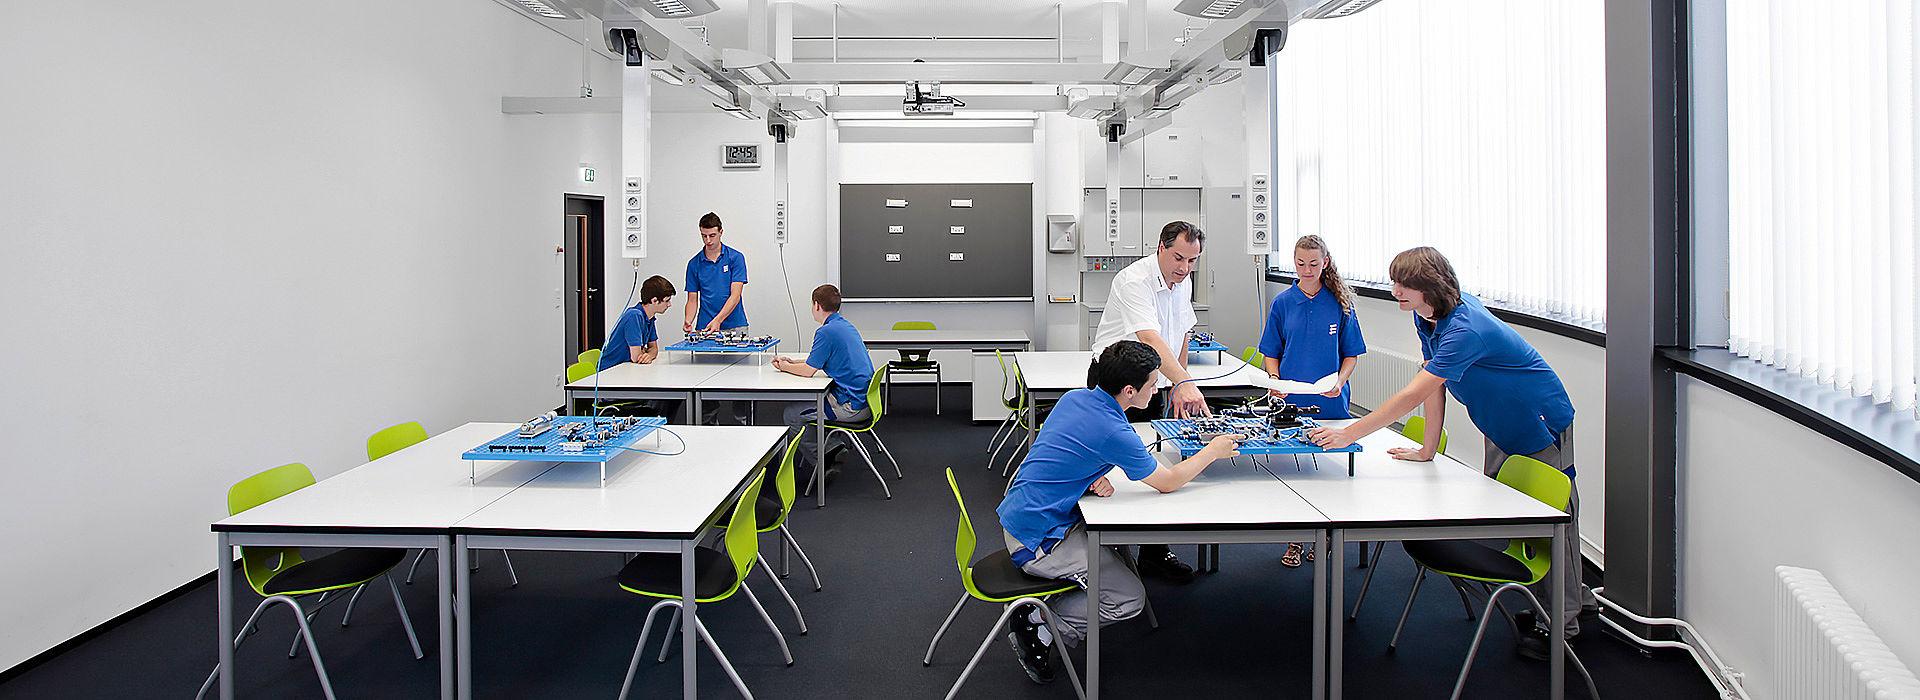 Bild: Schülergruppe lernt mit QUWIS® Raumkonzept